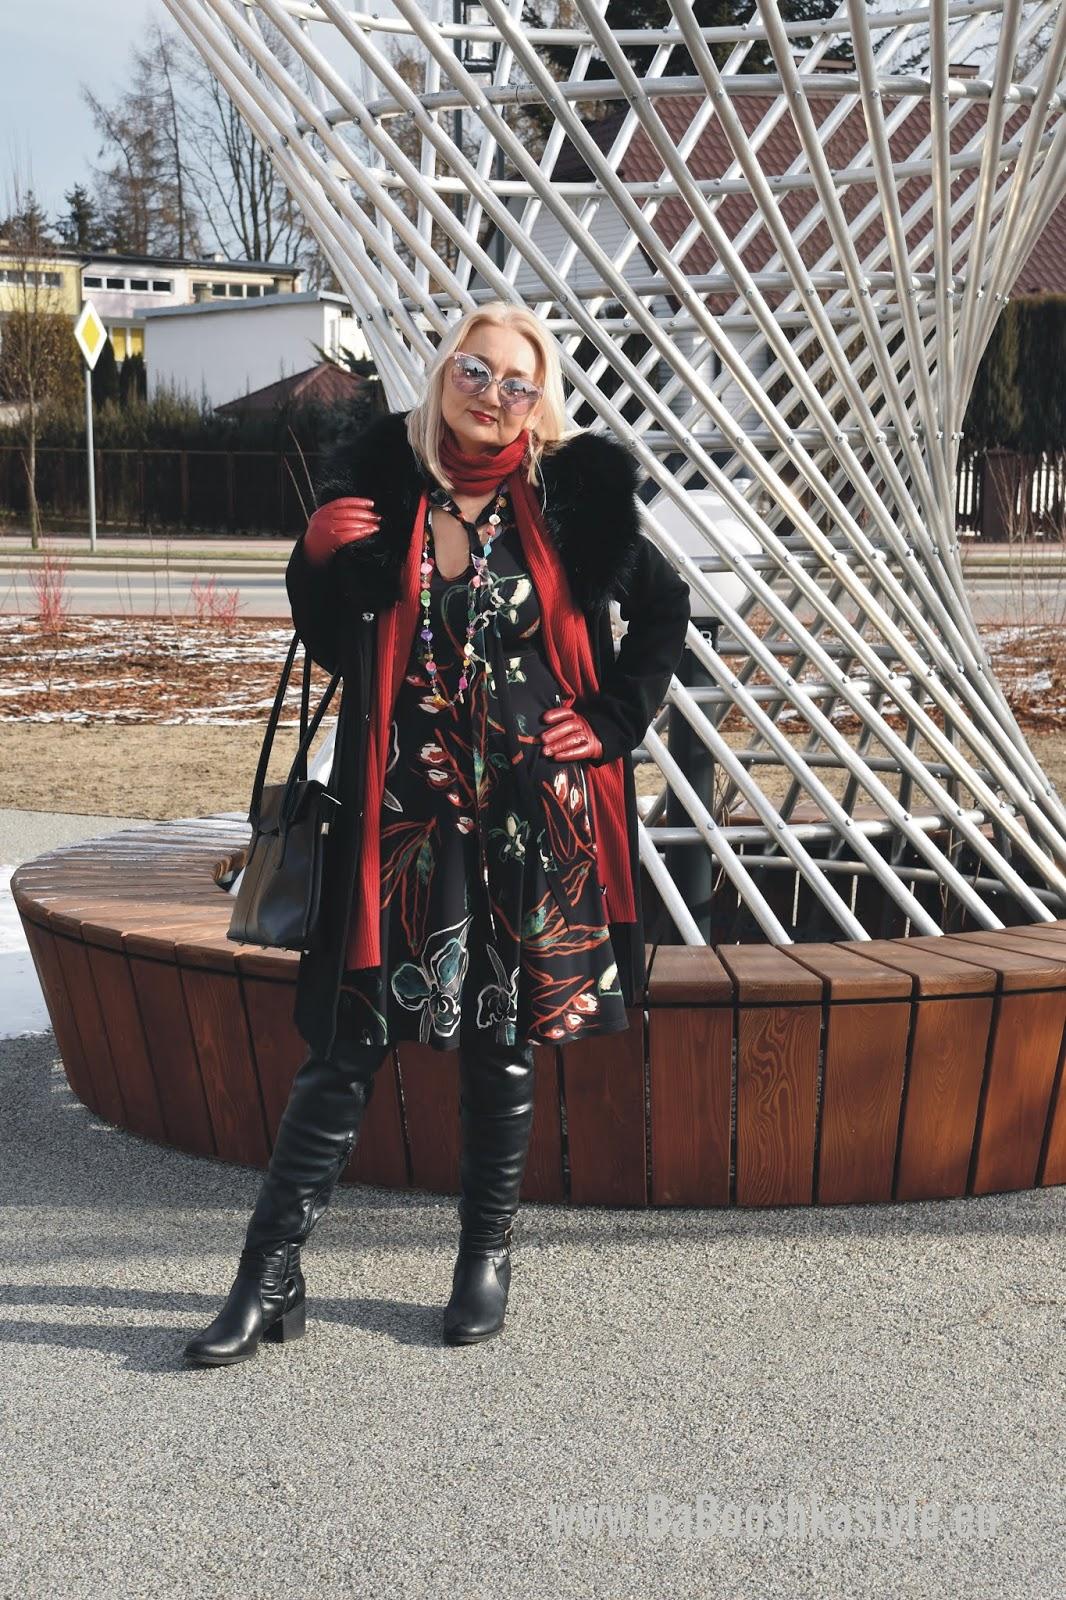 babooshkastyle, babooshka stylistka, stylistka, personal shopper,vintage, Orsay, Zara, Deichmann, skórzana, over50plus, modna50